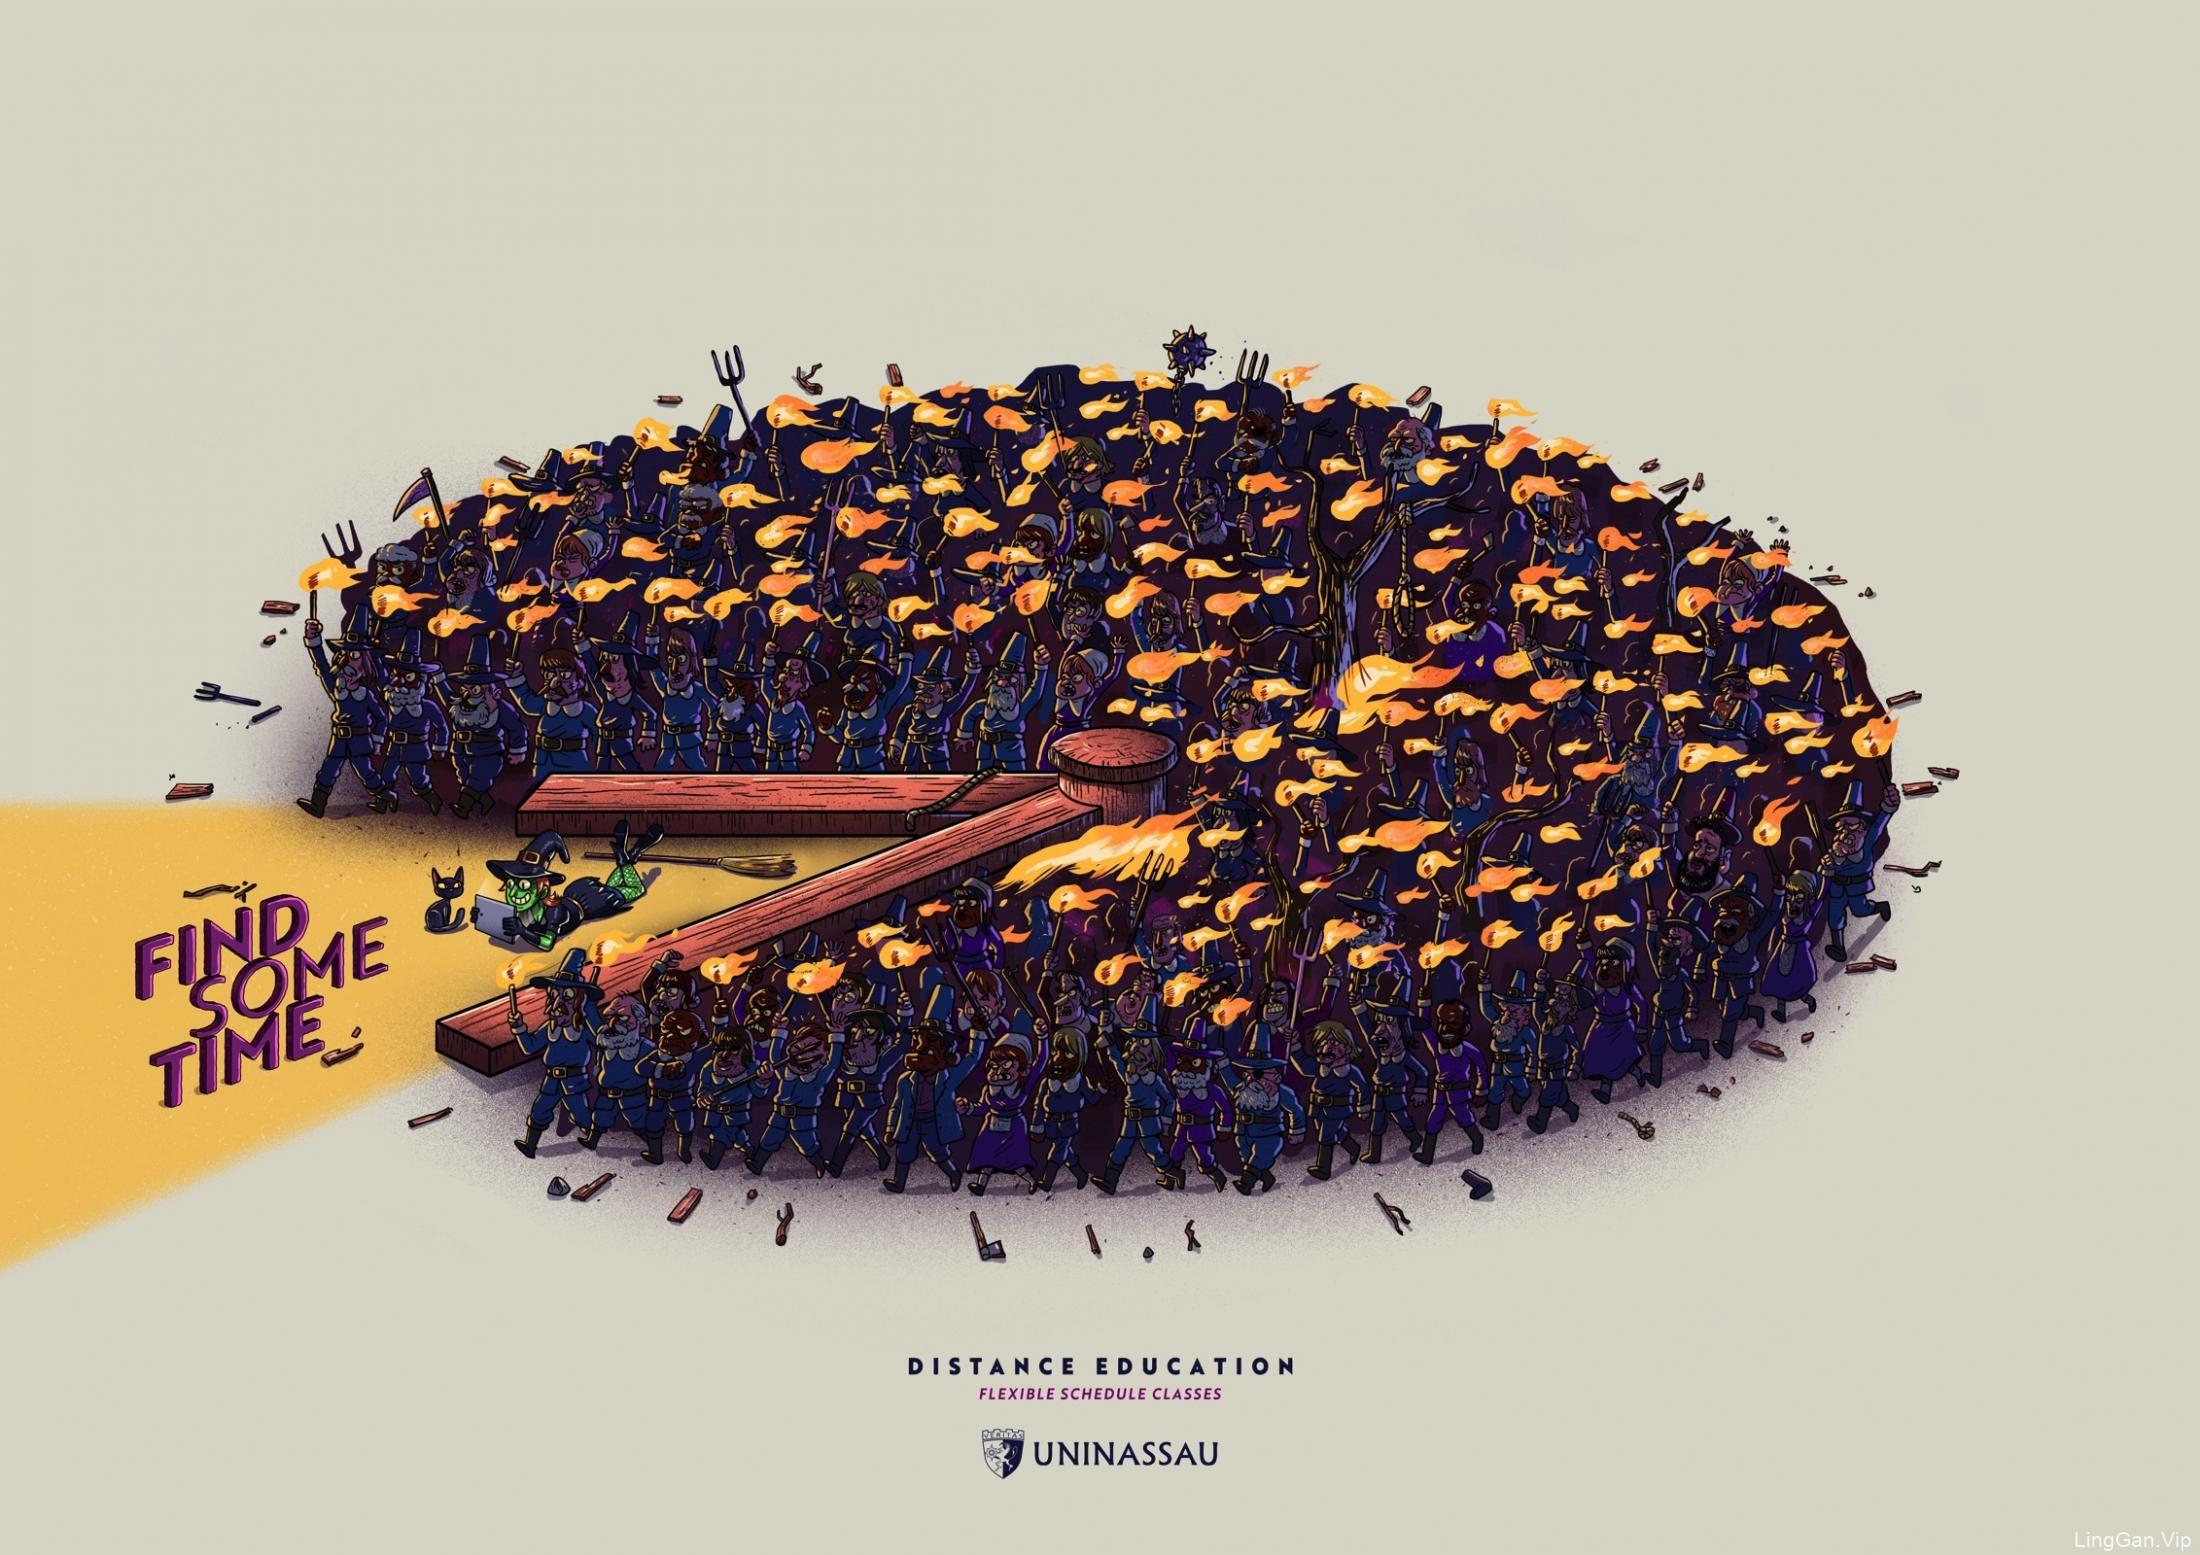 巴西UNINASSAU平面广告设计